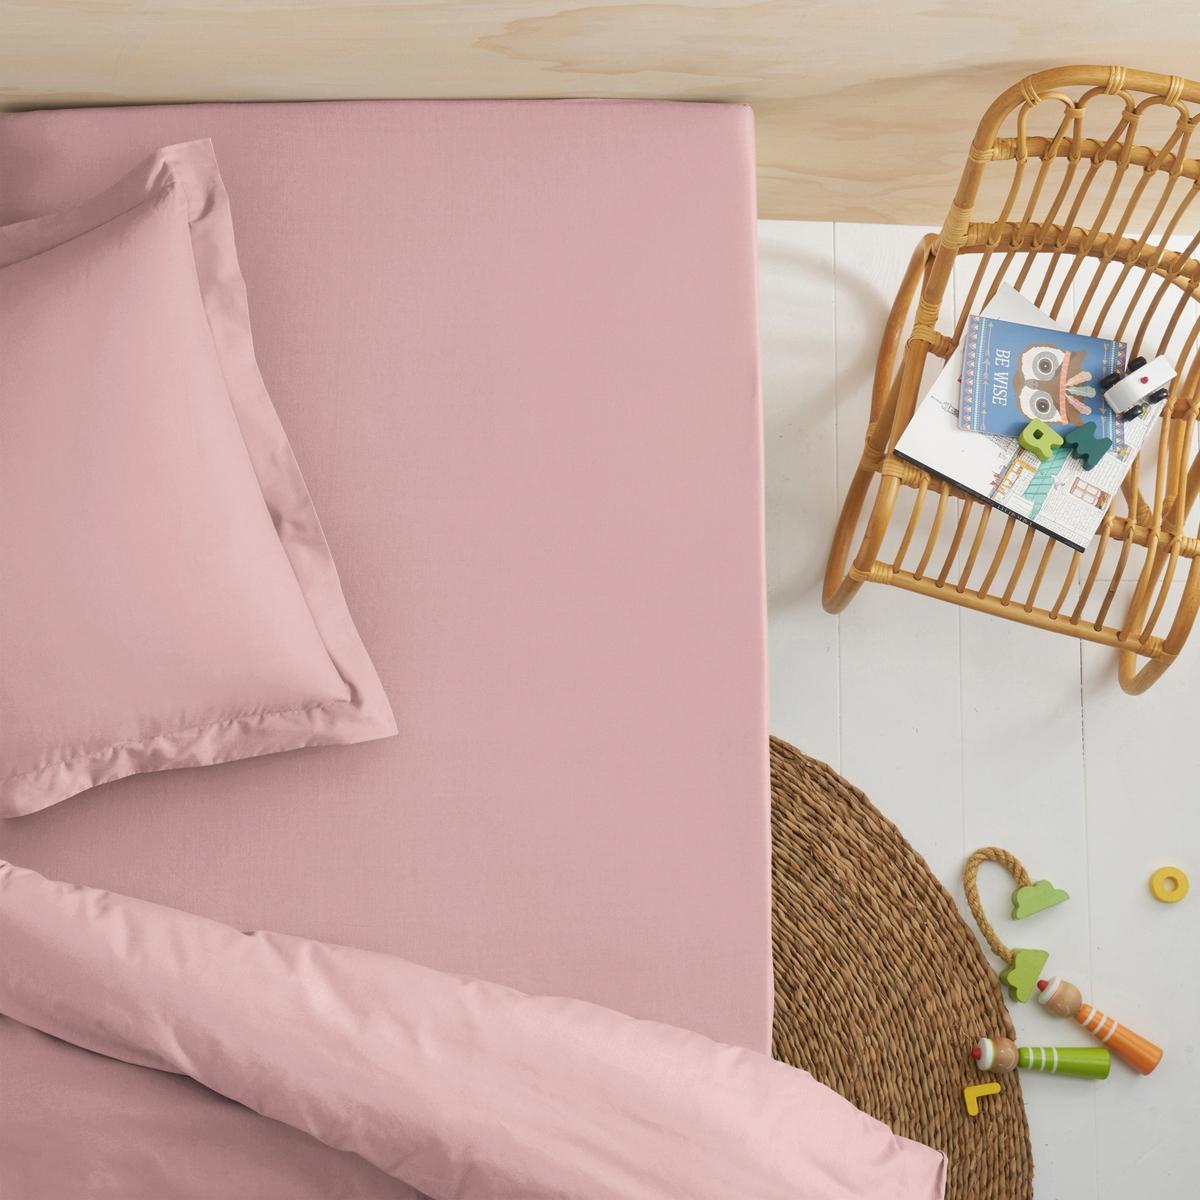 Простыня натяжная для детской кровати из биохлопка